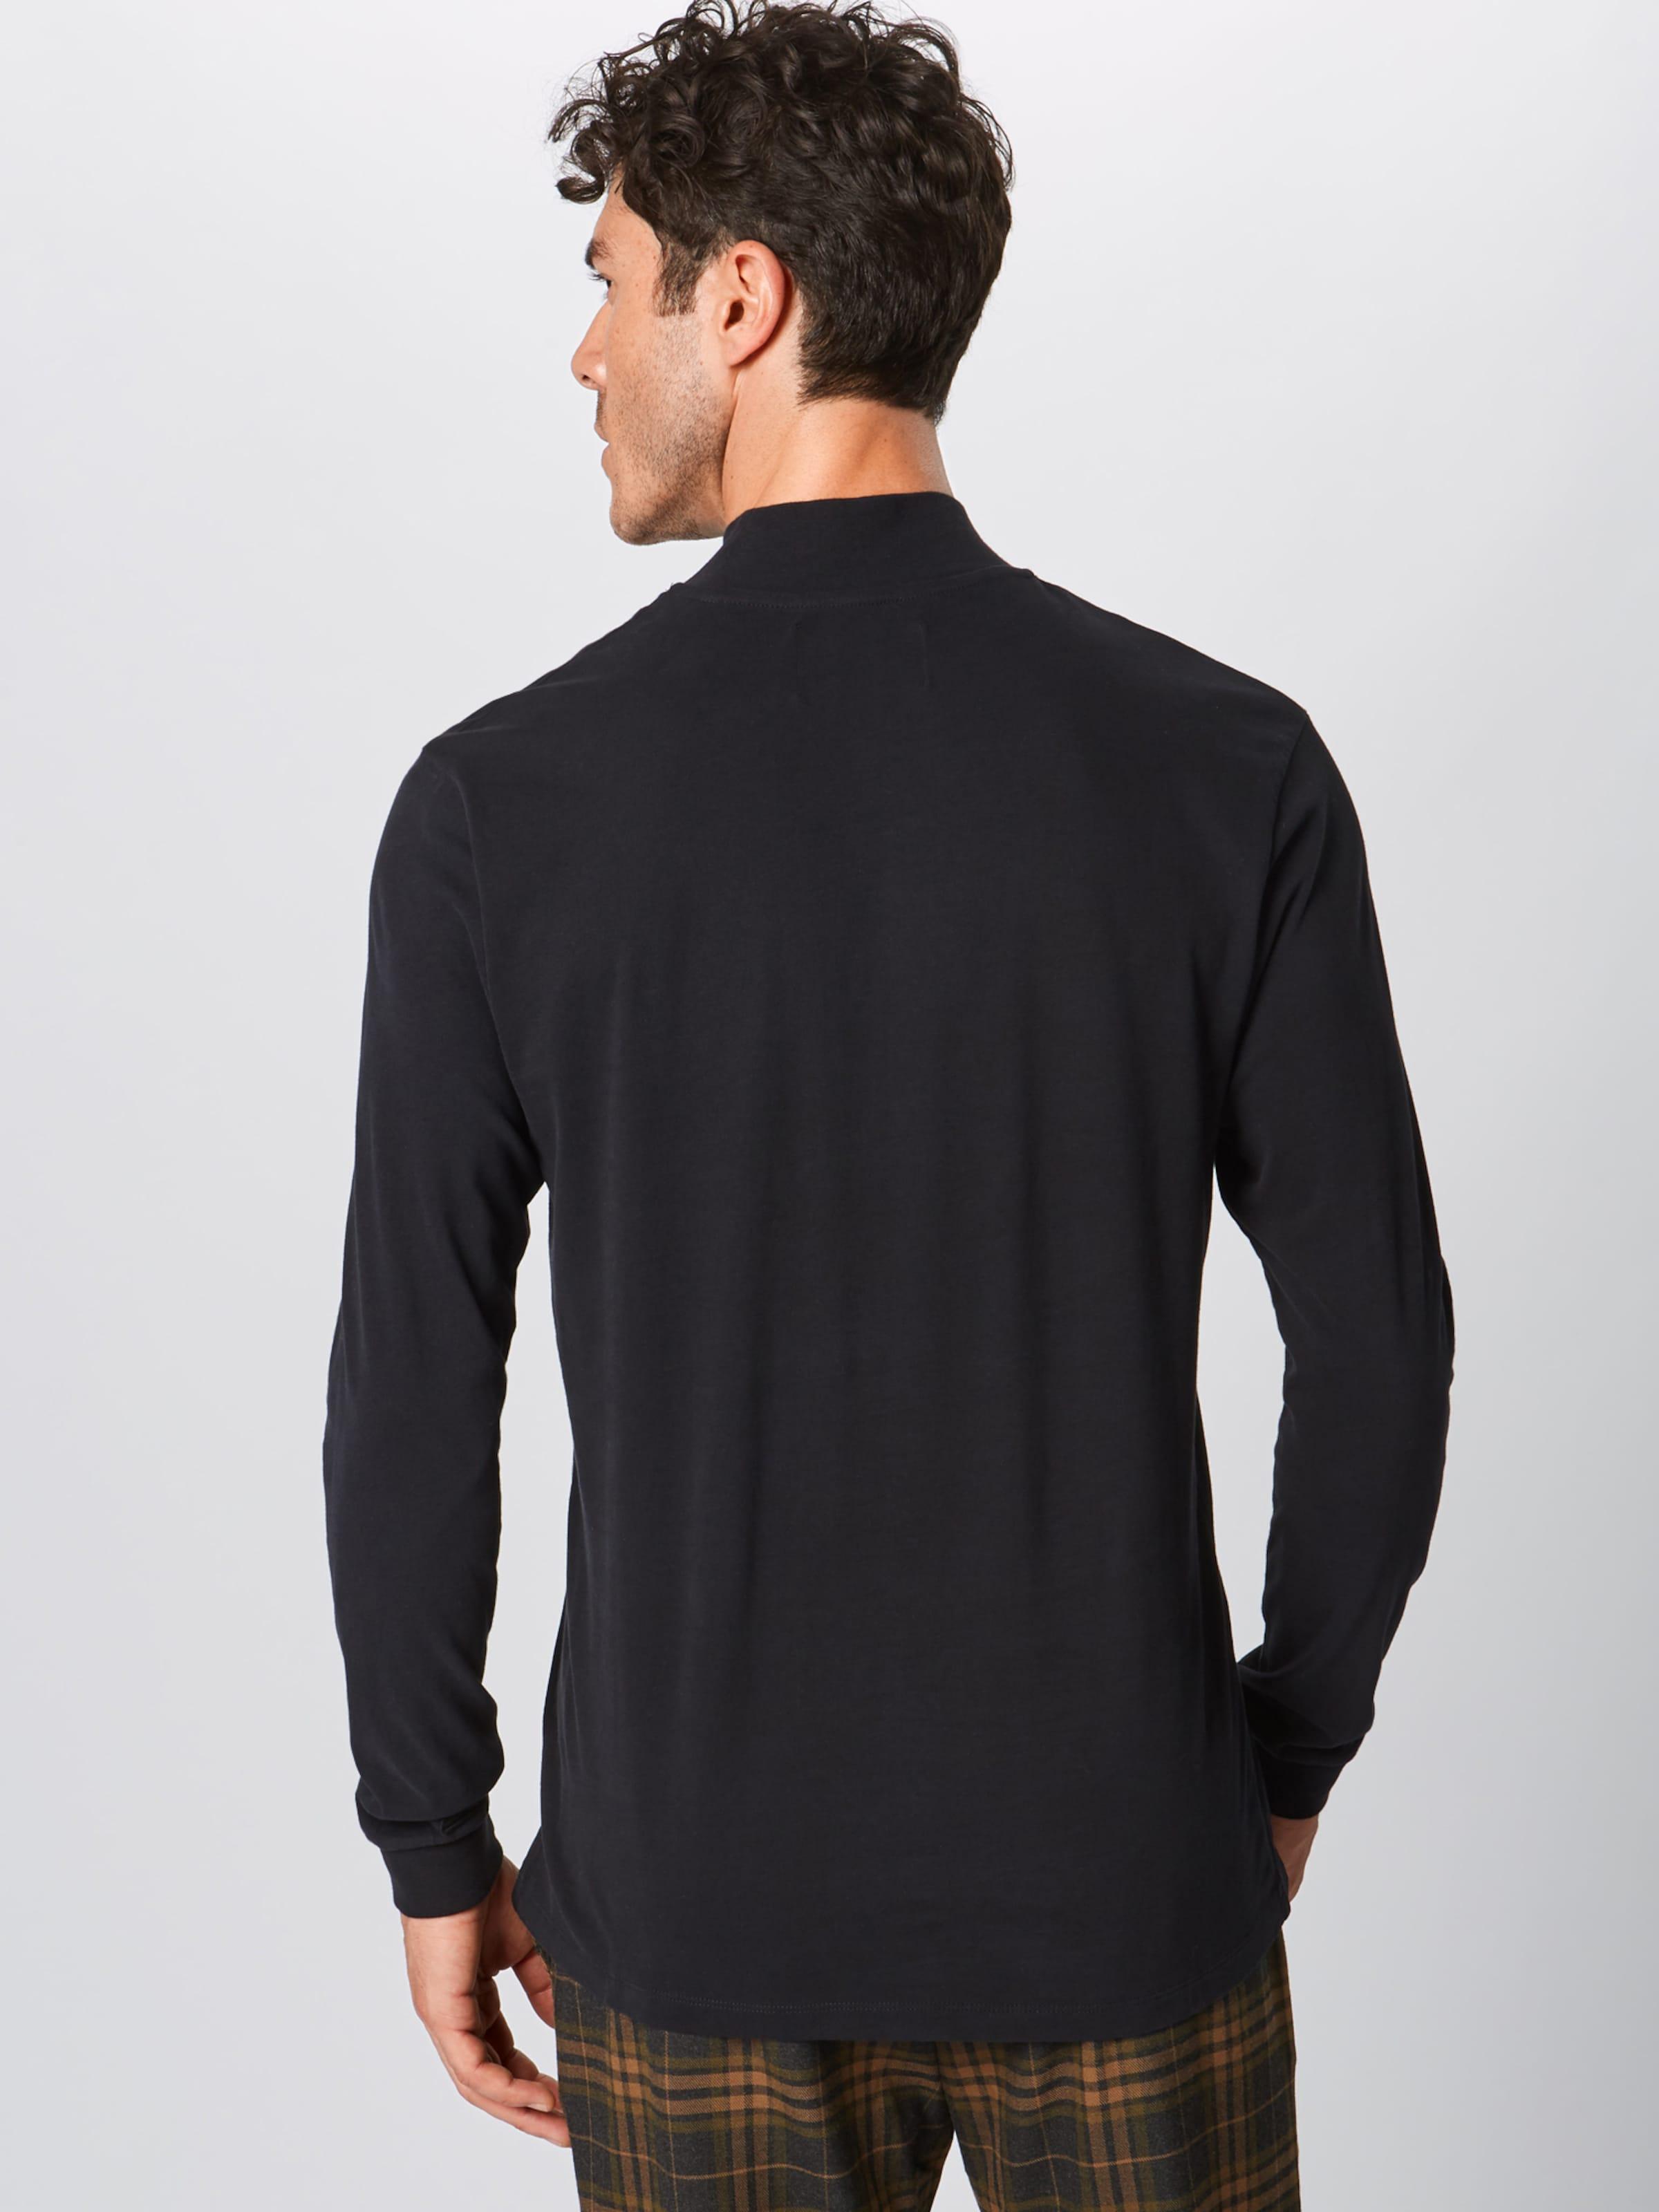 Edwin 'high Collar shirt Noir Ts En T Ls' bI6v7gyYf